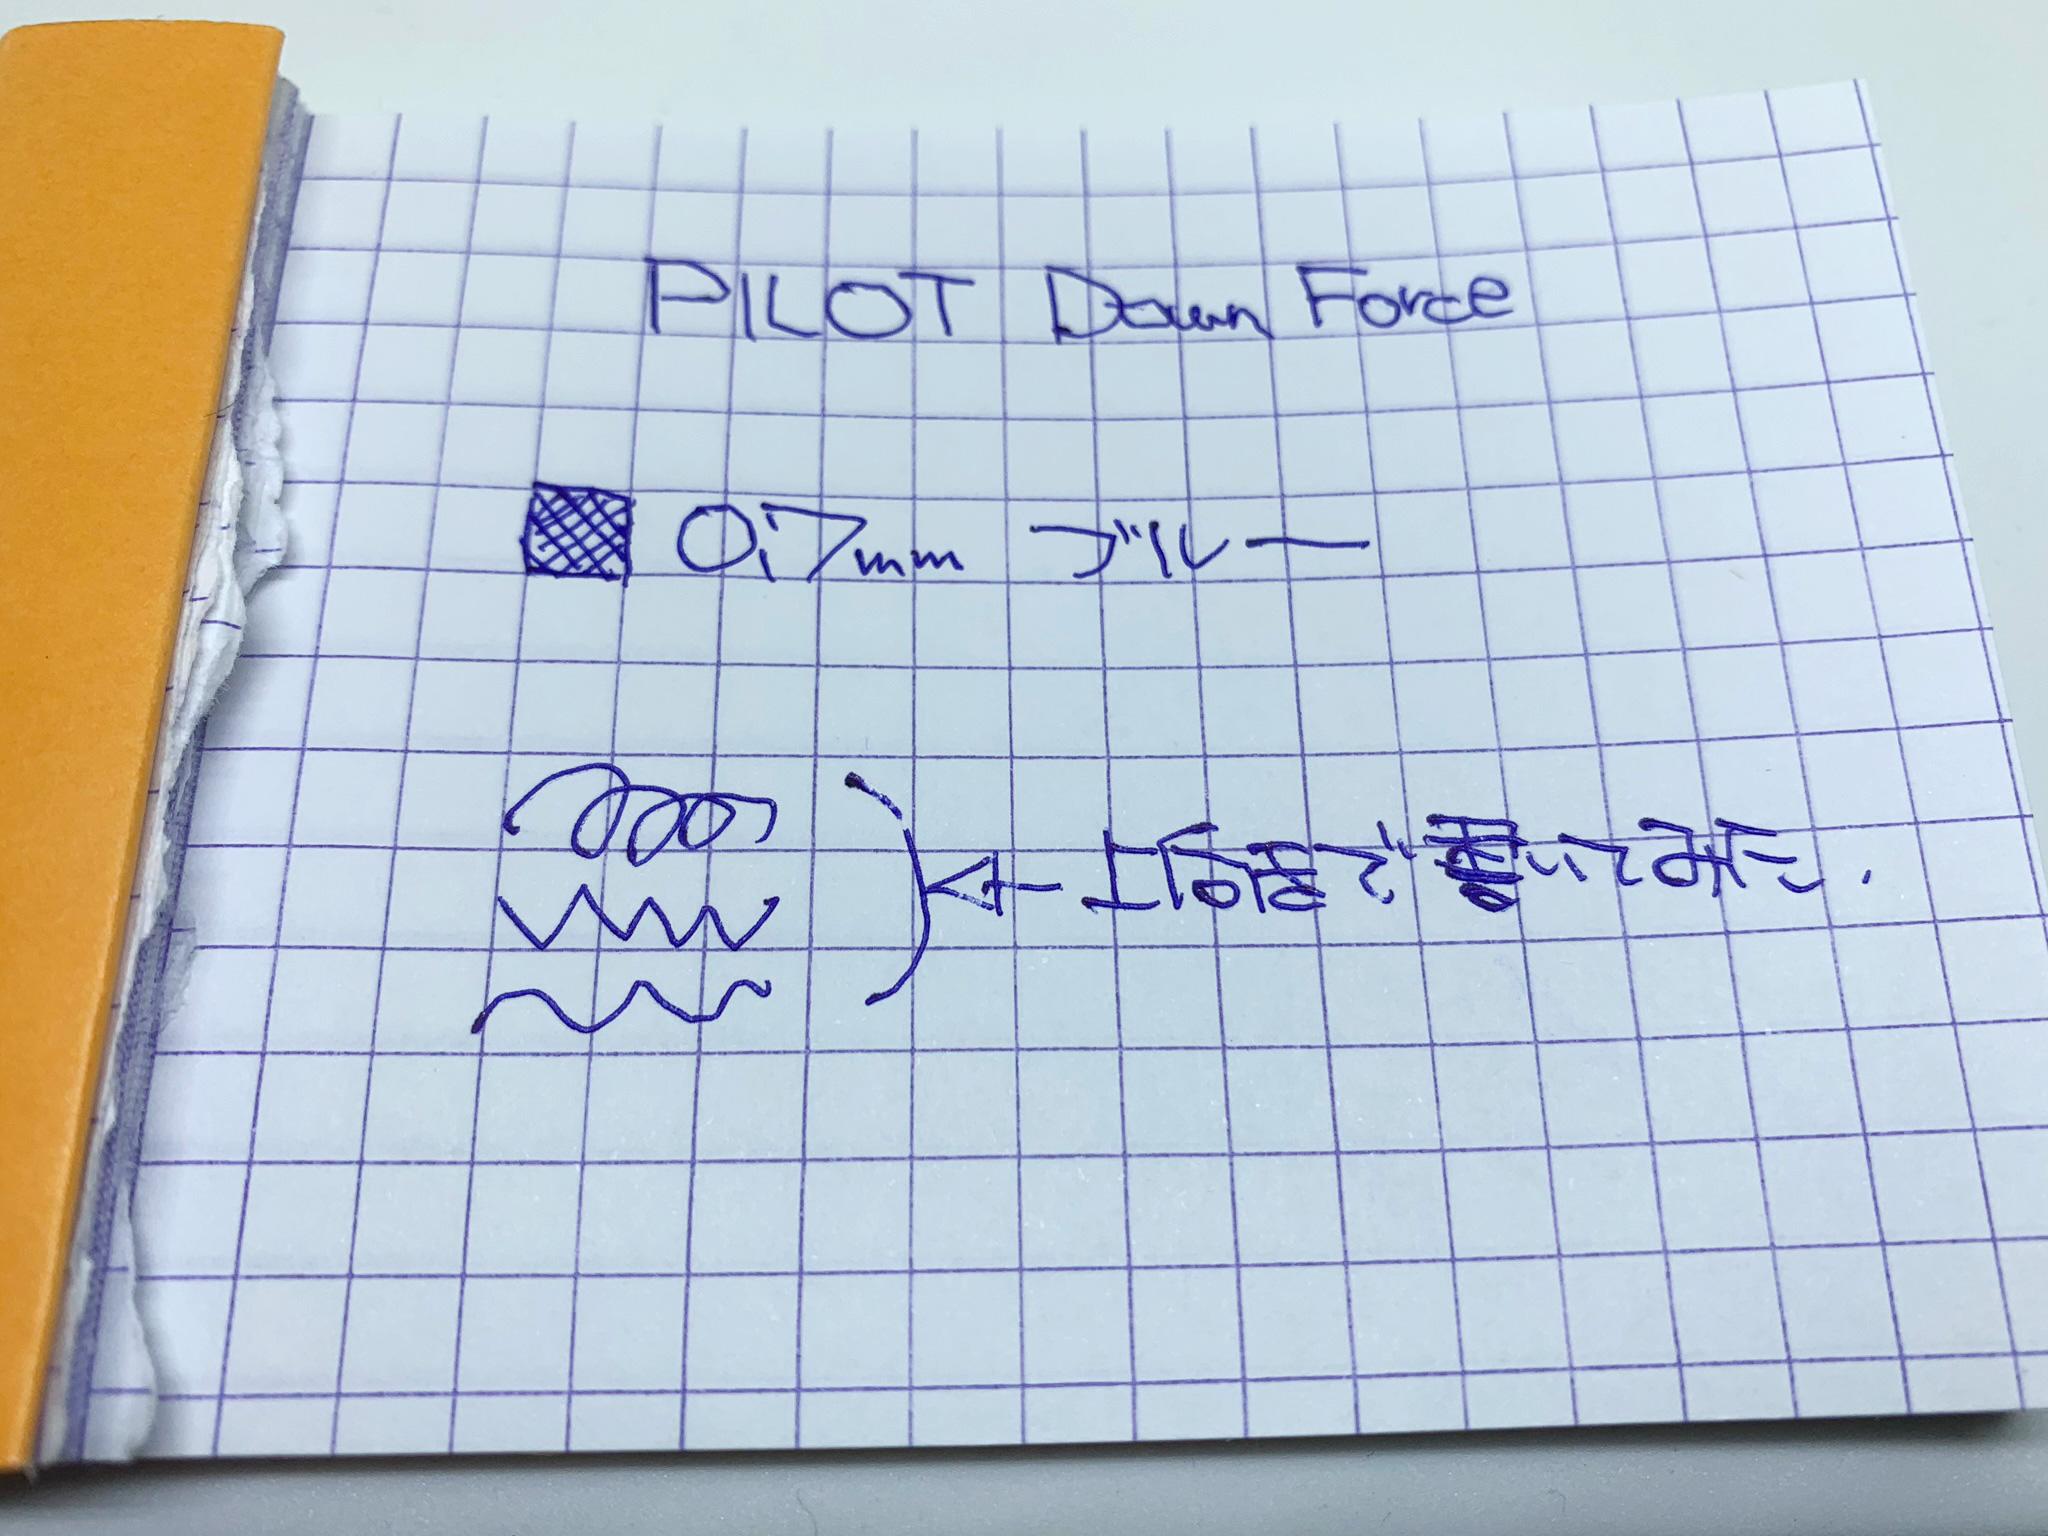 パイロット ダウンフォース 書いてみた